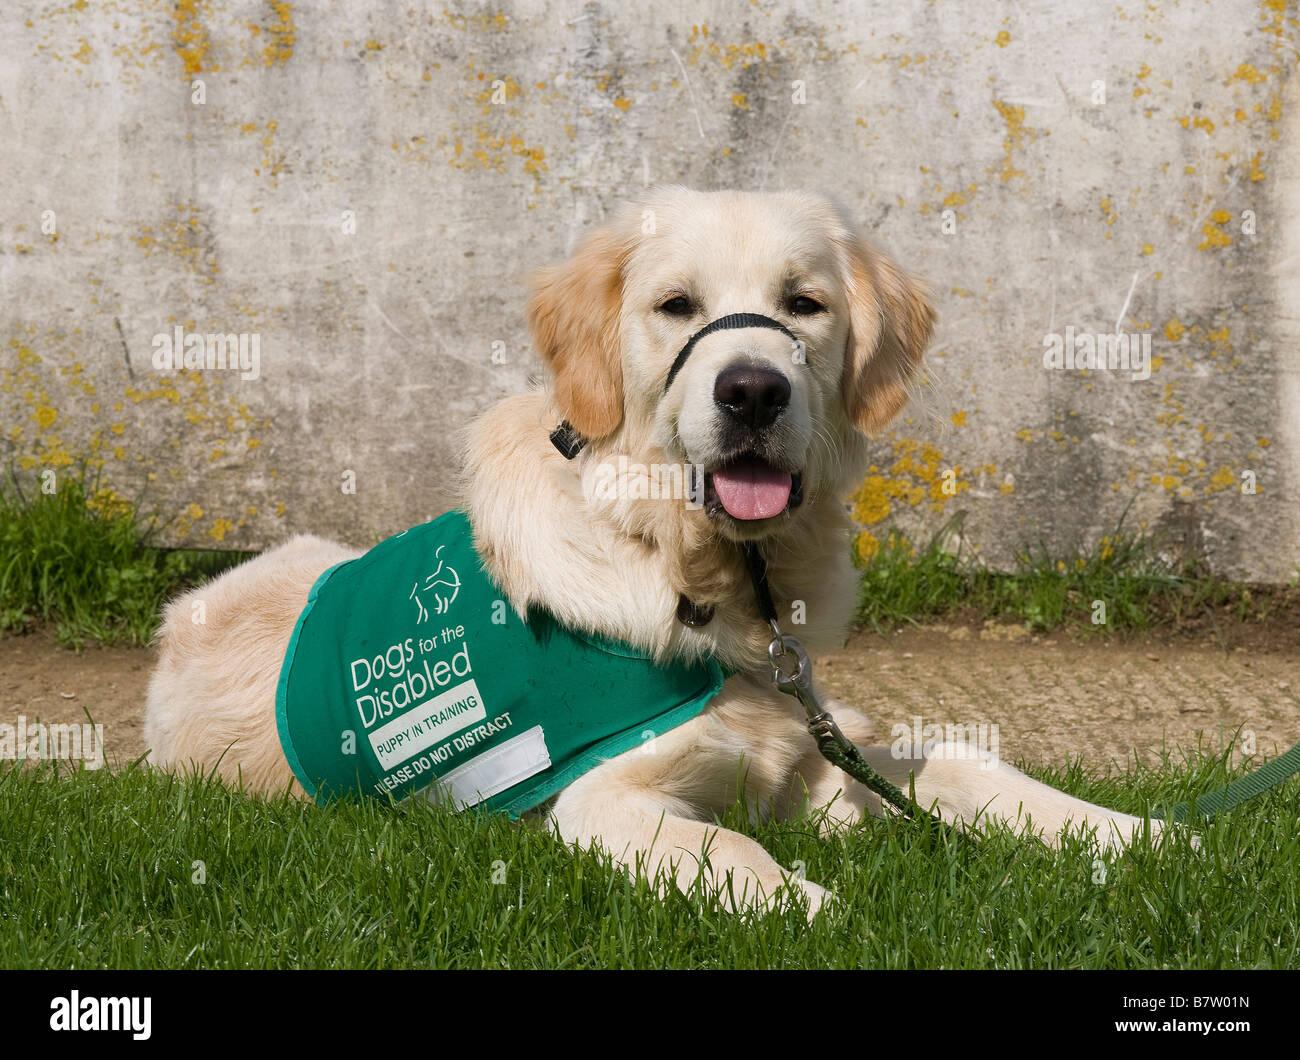 Buster, Yorkbeach per la sabbiatura, un cucciolo in formazione con i cani per i portatori di handicap, giace a terra Immagini Stock